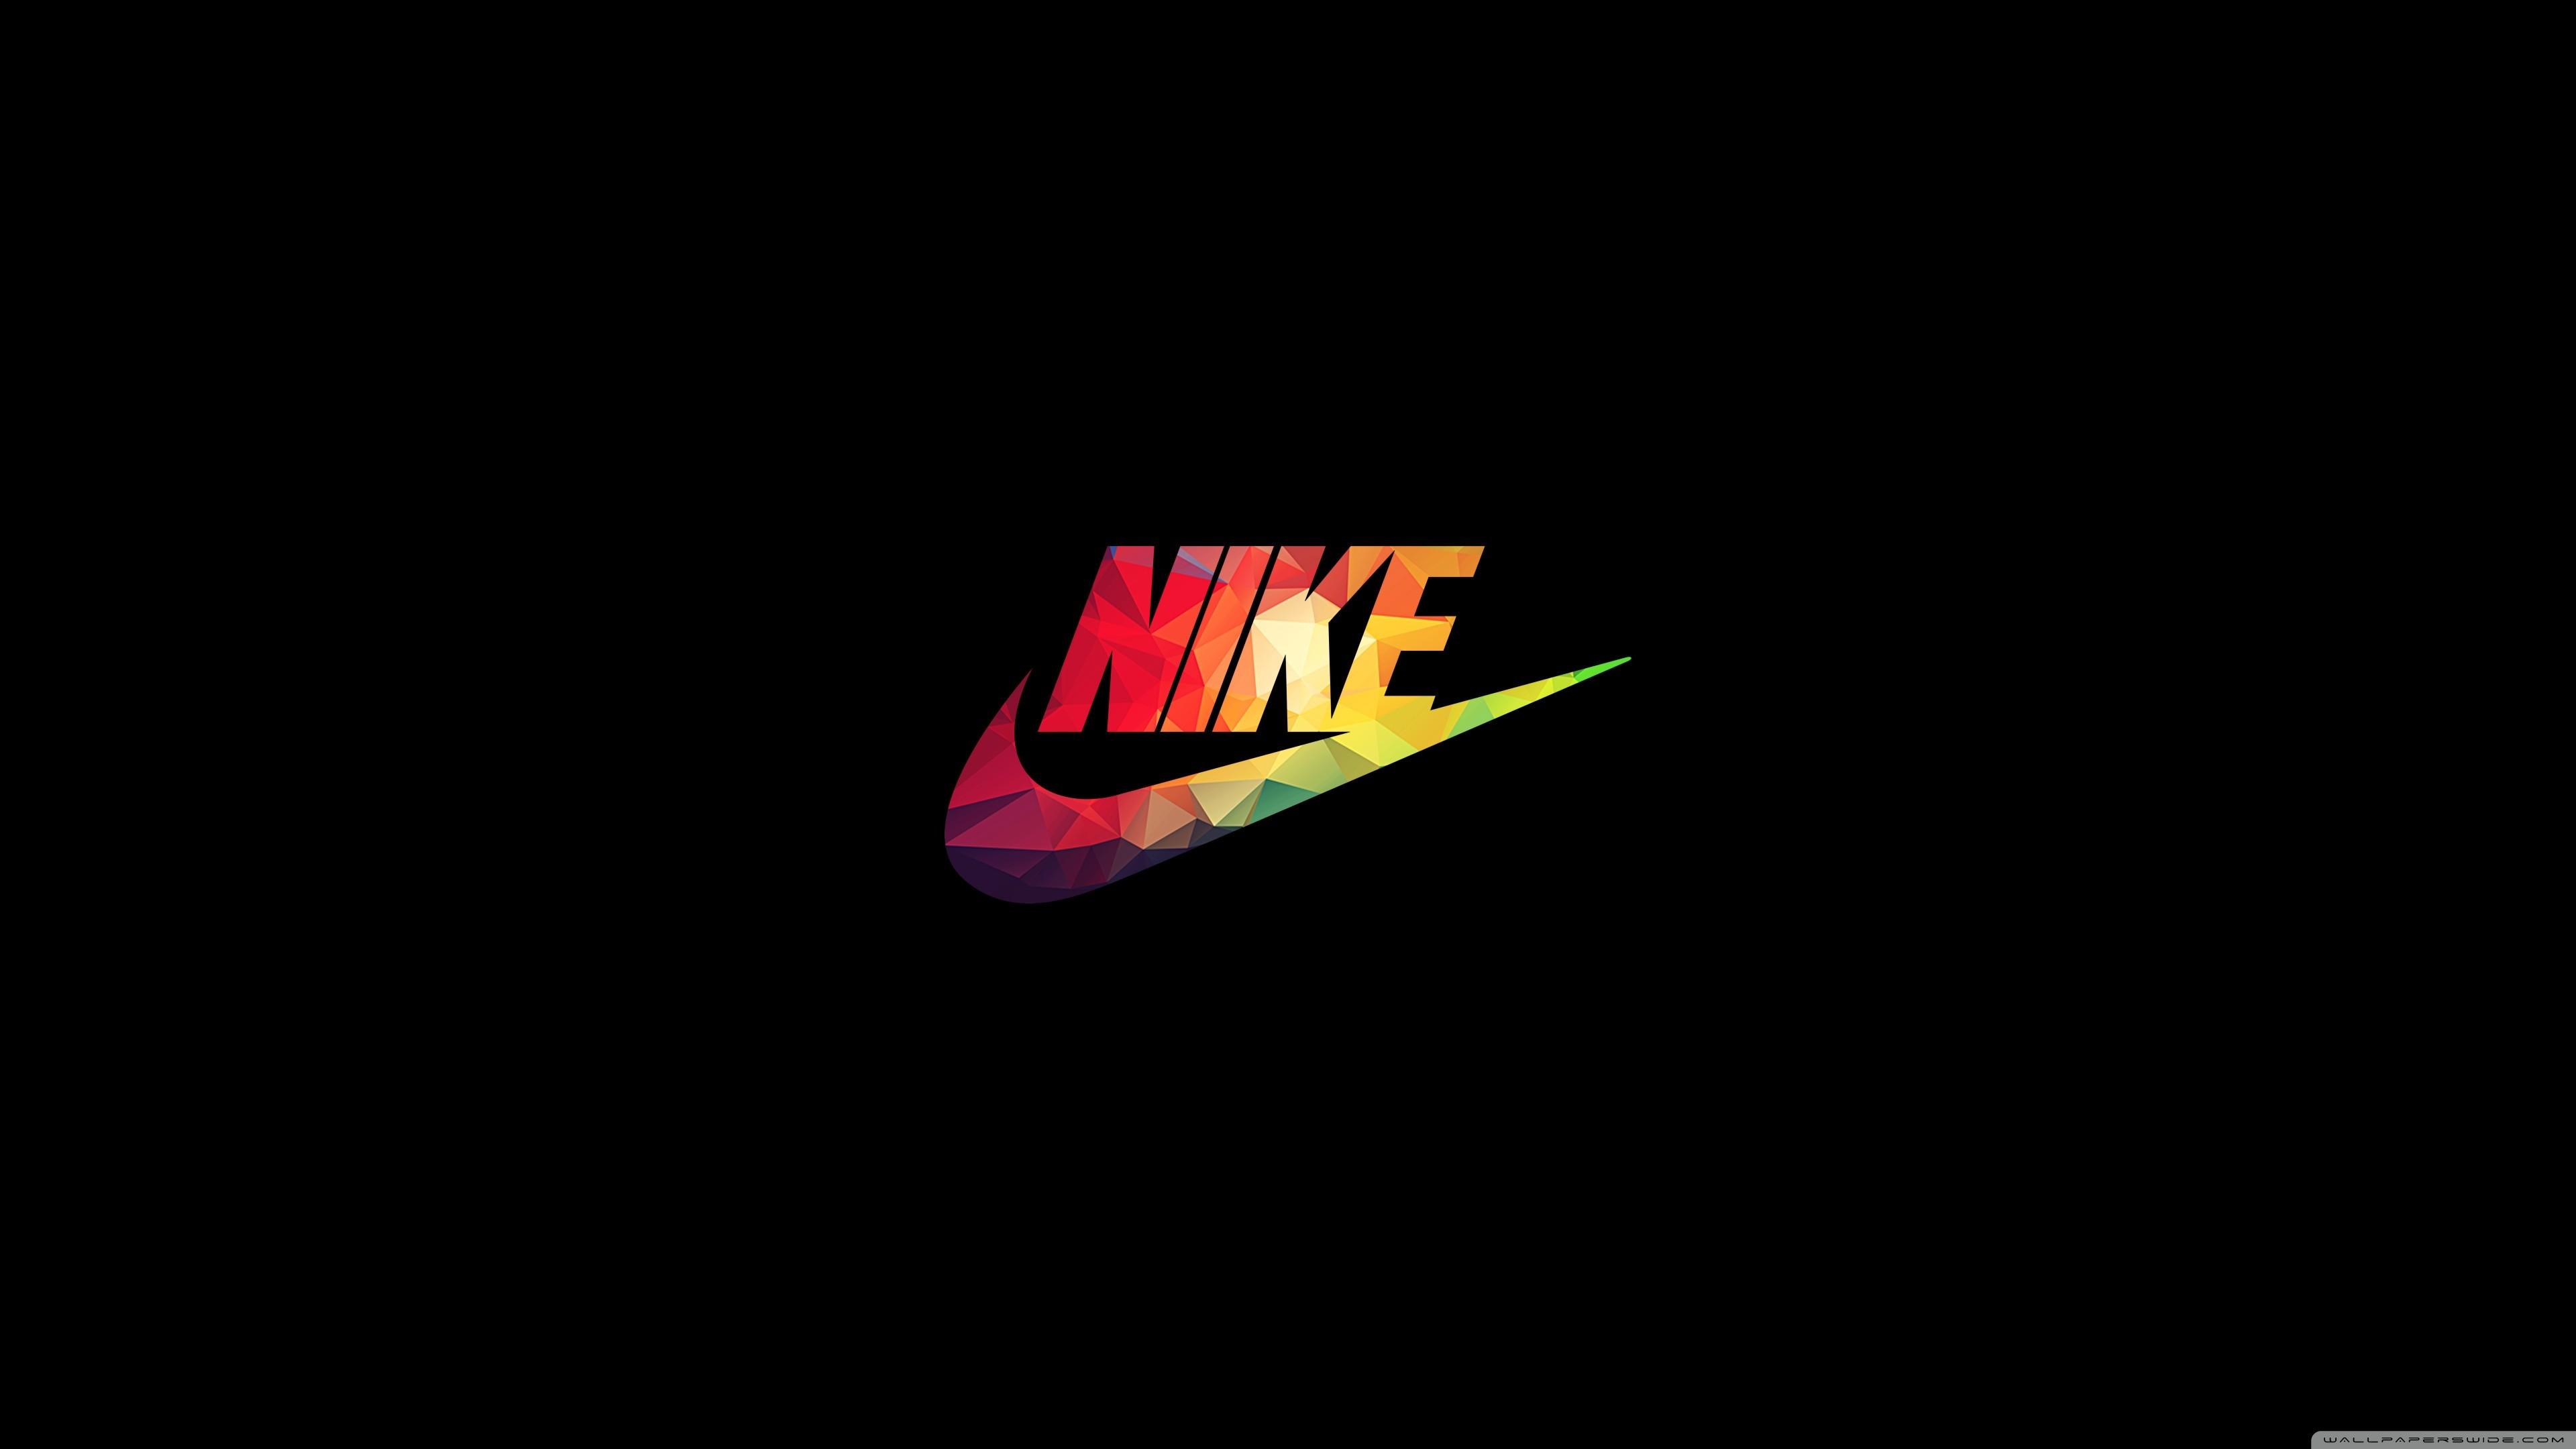 Nike wallpaper desktop 67 images - Fantasy nike wallpaper ...